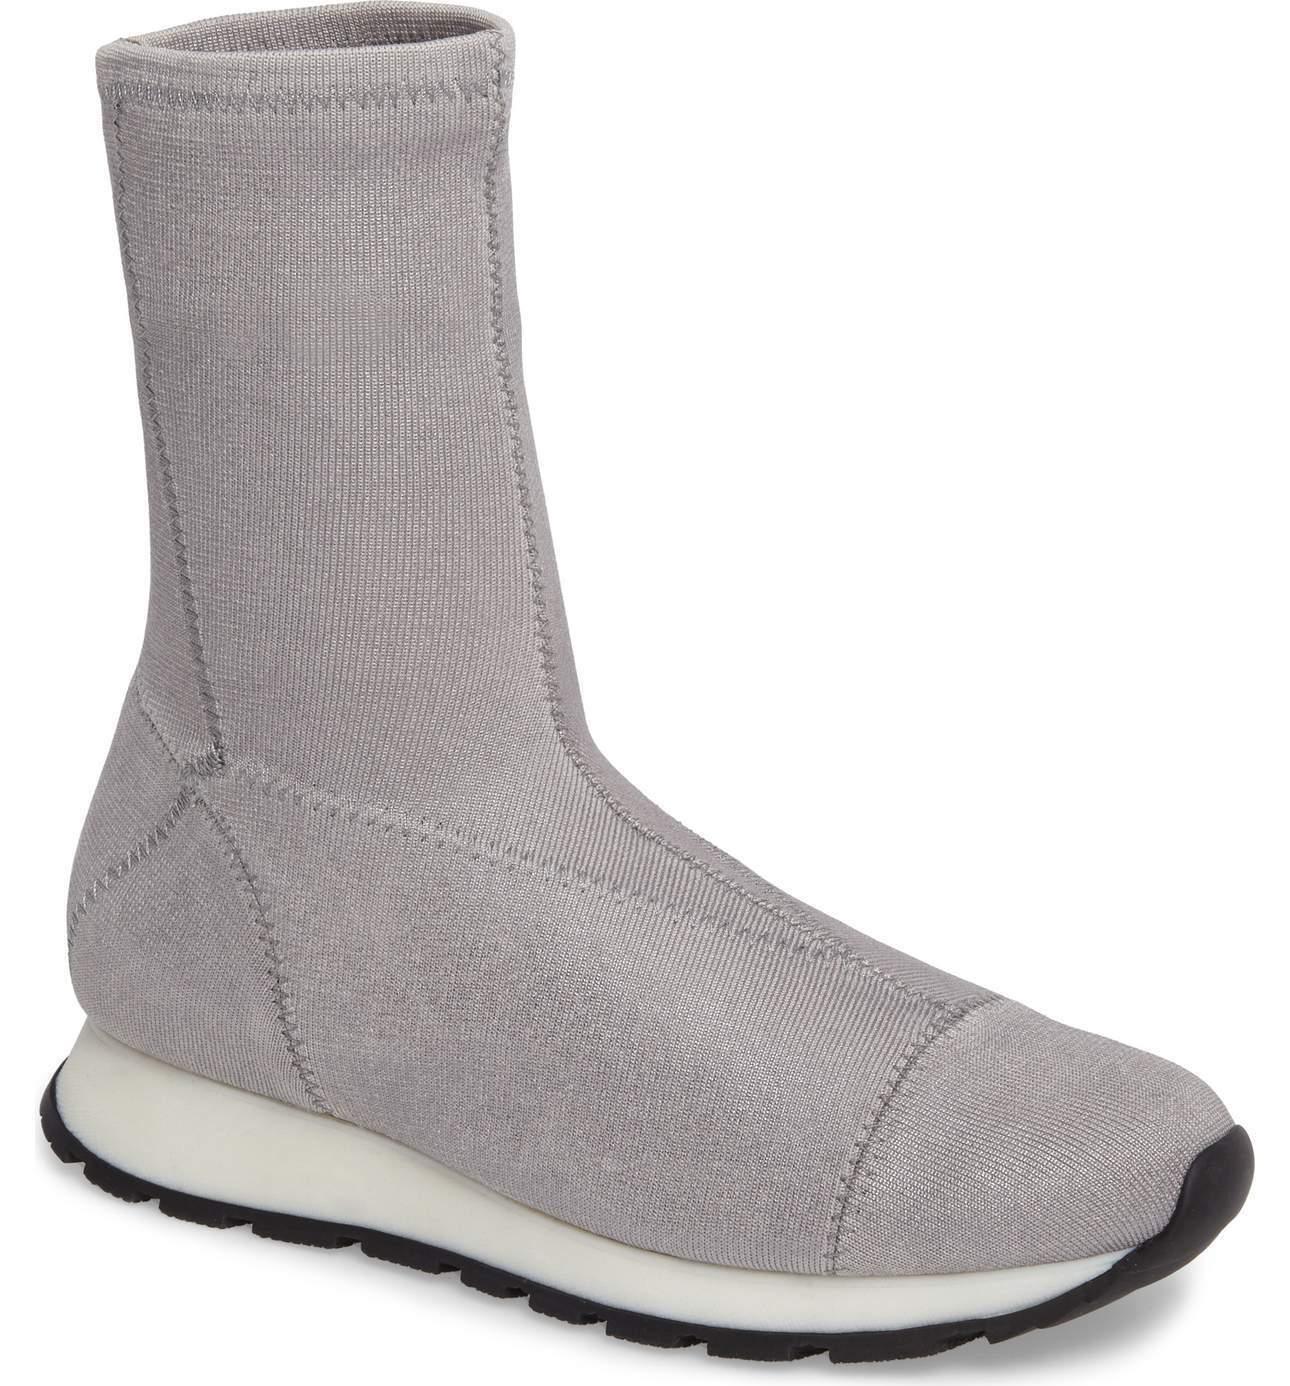 Free People Para mujeres Tenis botas Astral Tire De Punto Punto Punto gris Plata EU 39 nos 8-8.5  diseño único